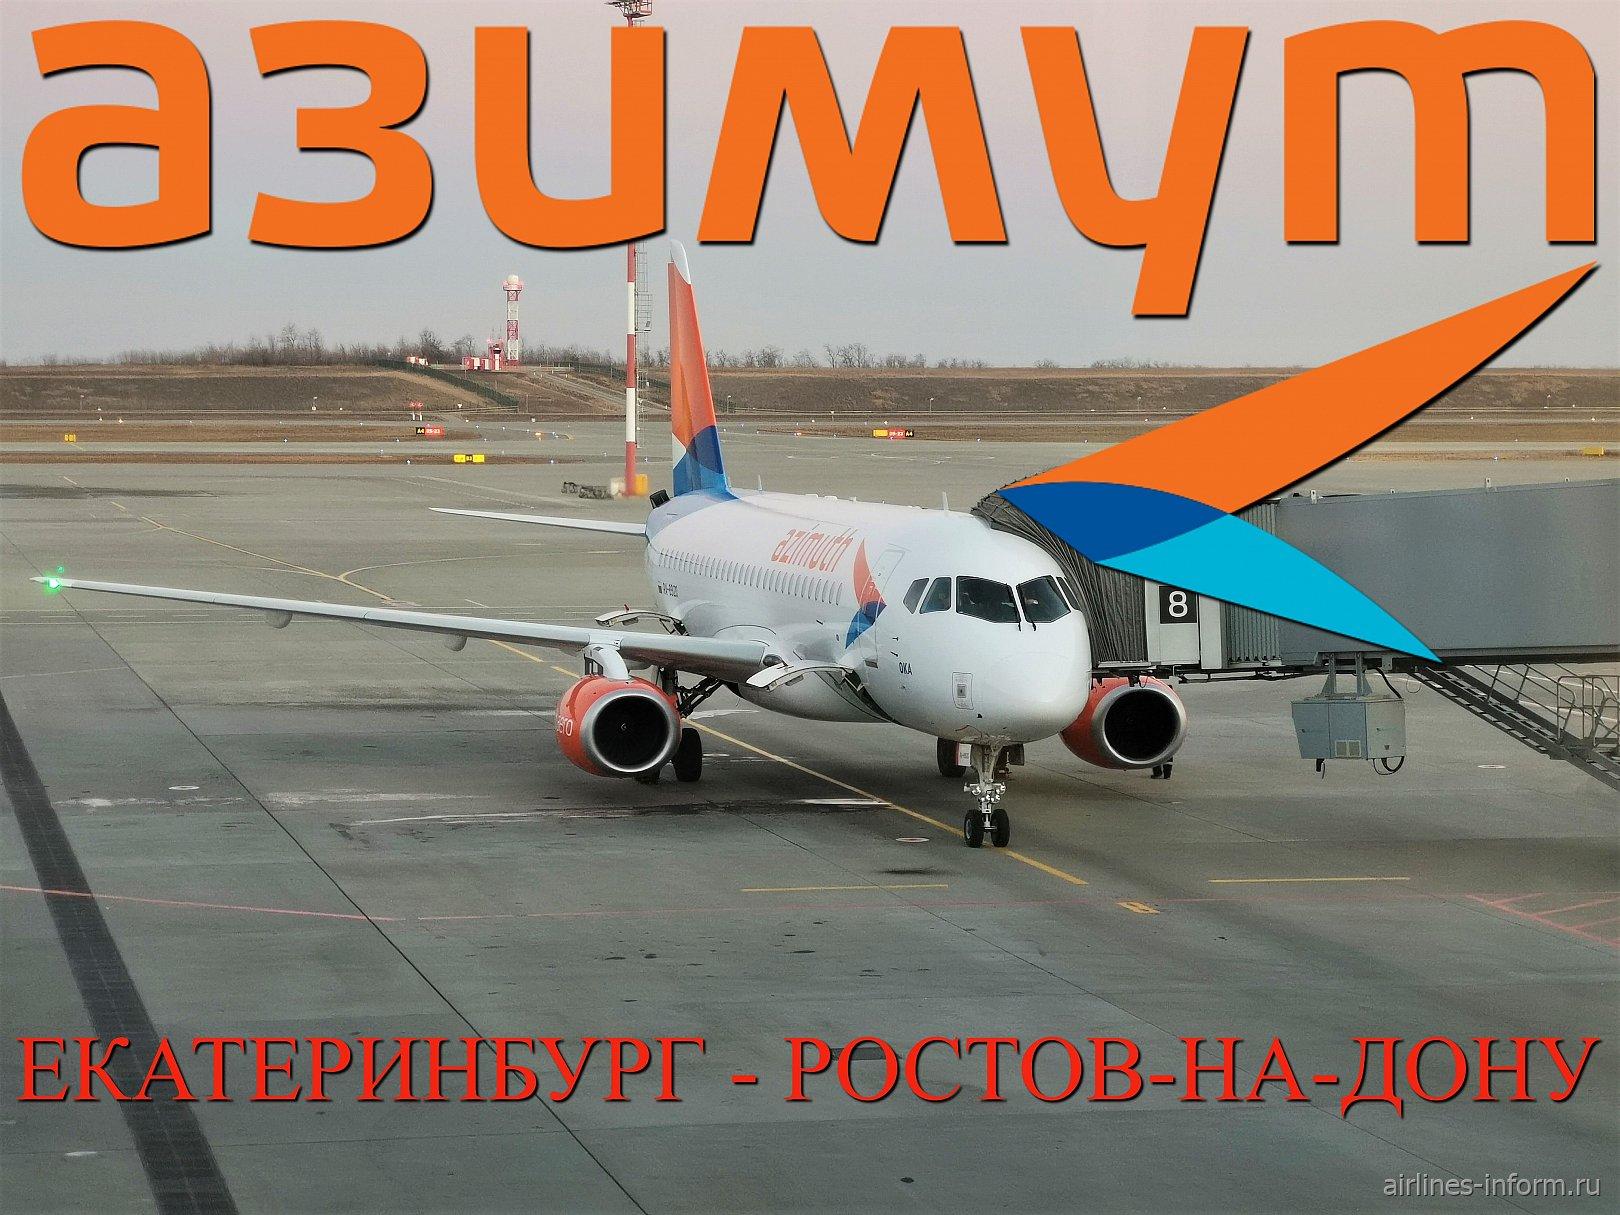 Азимут: Екатеринбург - Ростов-на-Дону